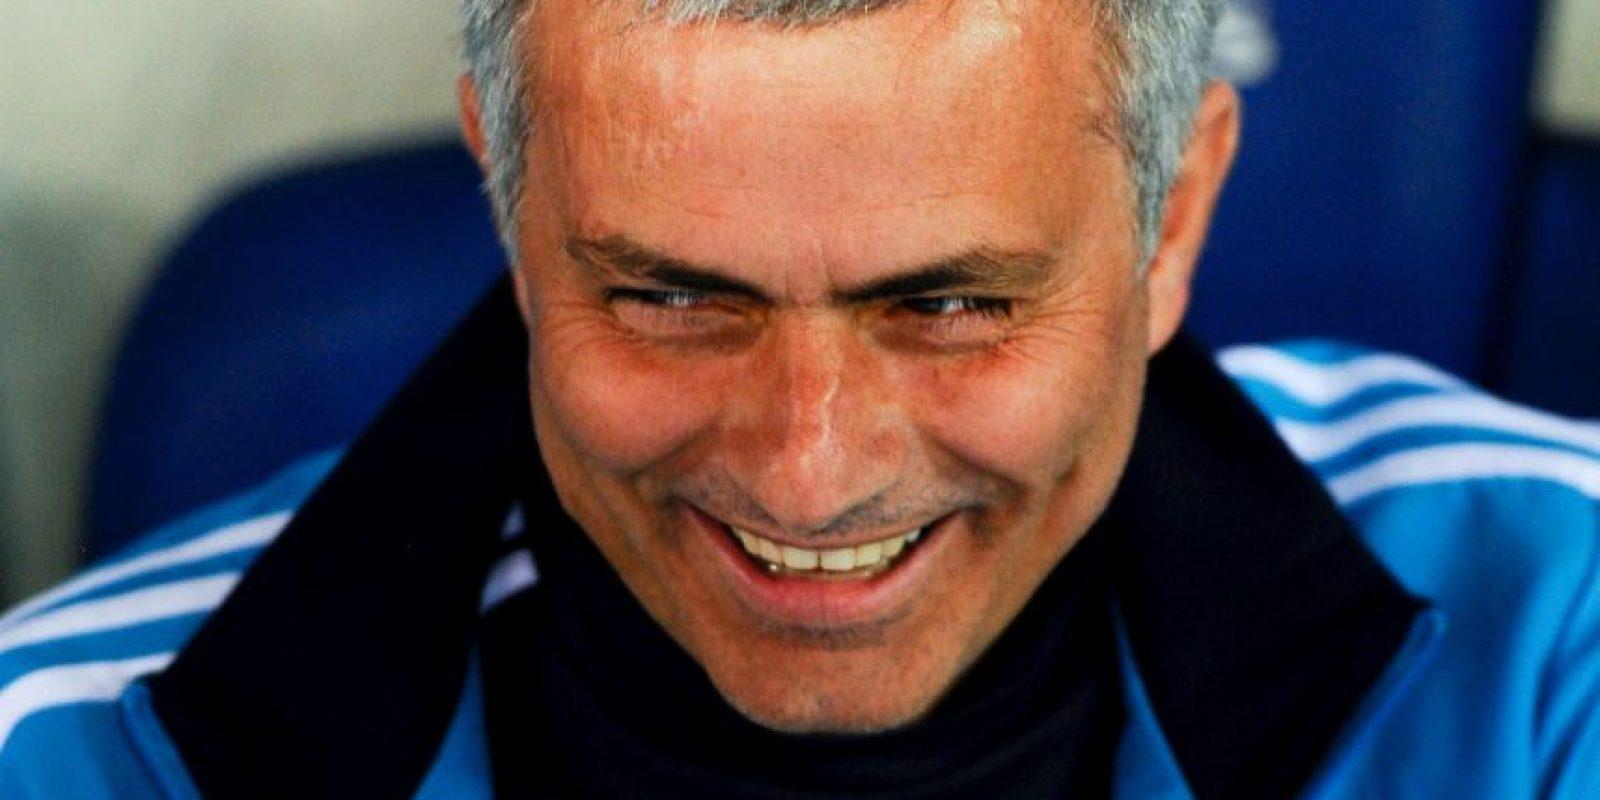 """En la Champions League de 2010, se acusó a Jose Mourinho de ordenar las expulsiones intencionadas de Xabi Alonso y Sergio Ramos, quienes llegarían """"limpios"""" a la fase de octavos de final. Finalmente, la UEFA lo sancionó a él y a los dos futbolistas con multas económicas… bueno, hasta Iker Casillas y Dudek fueron castigados por transmitir las órdenes de """"Mou"""". Foto:Getty Images"""